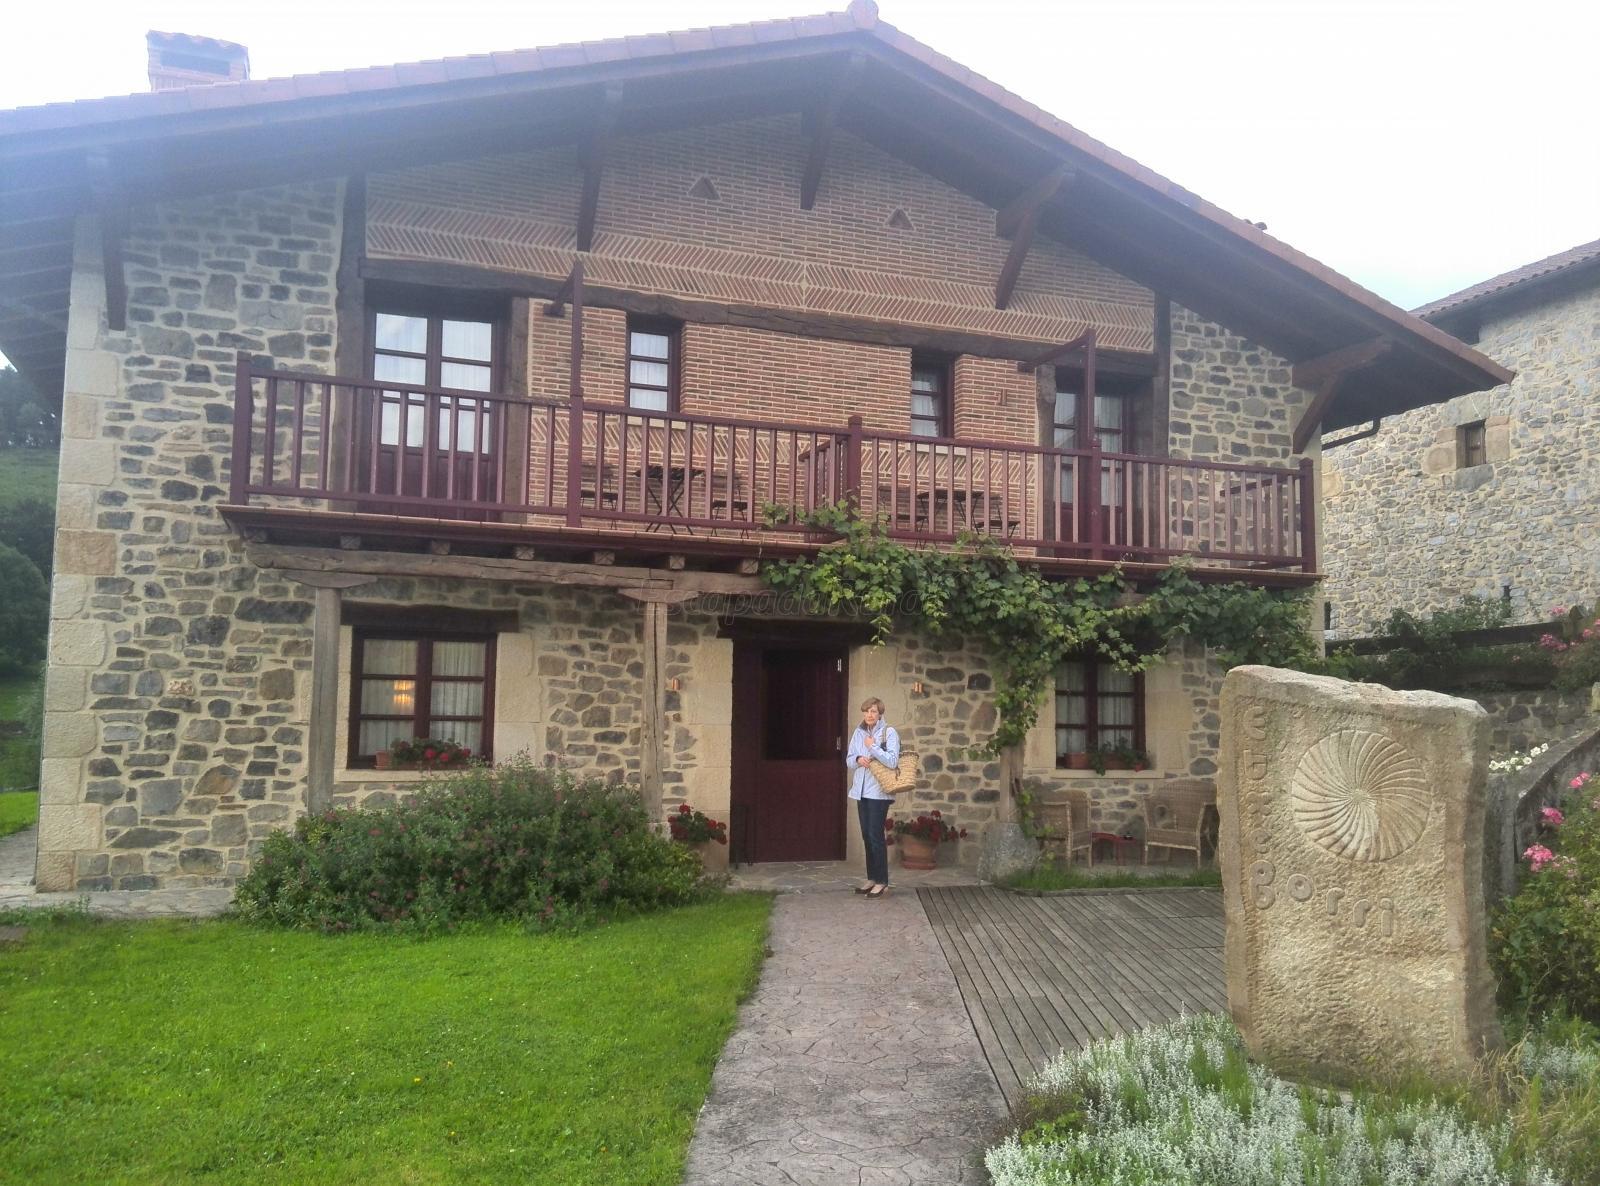 Casa rural etxegorri casa rural en orozko vizcaya - Casa rural orozko ...